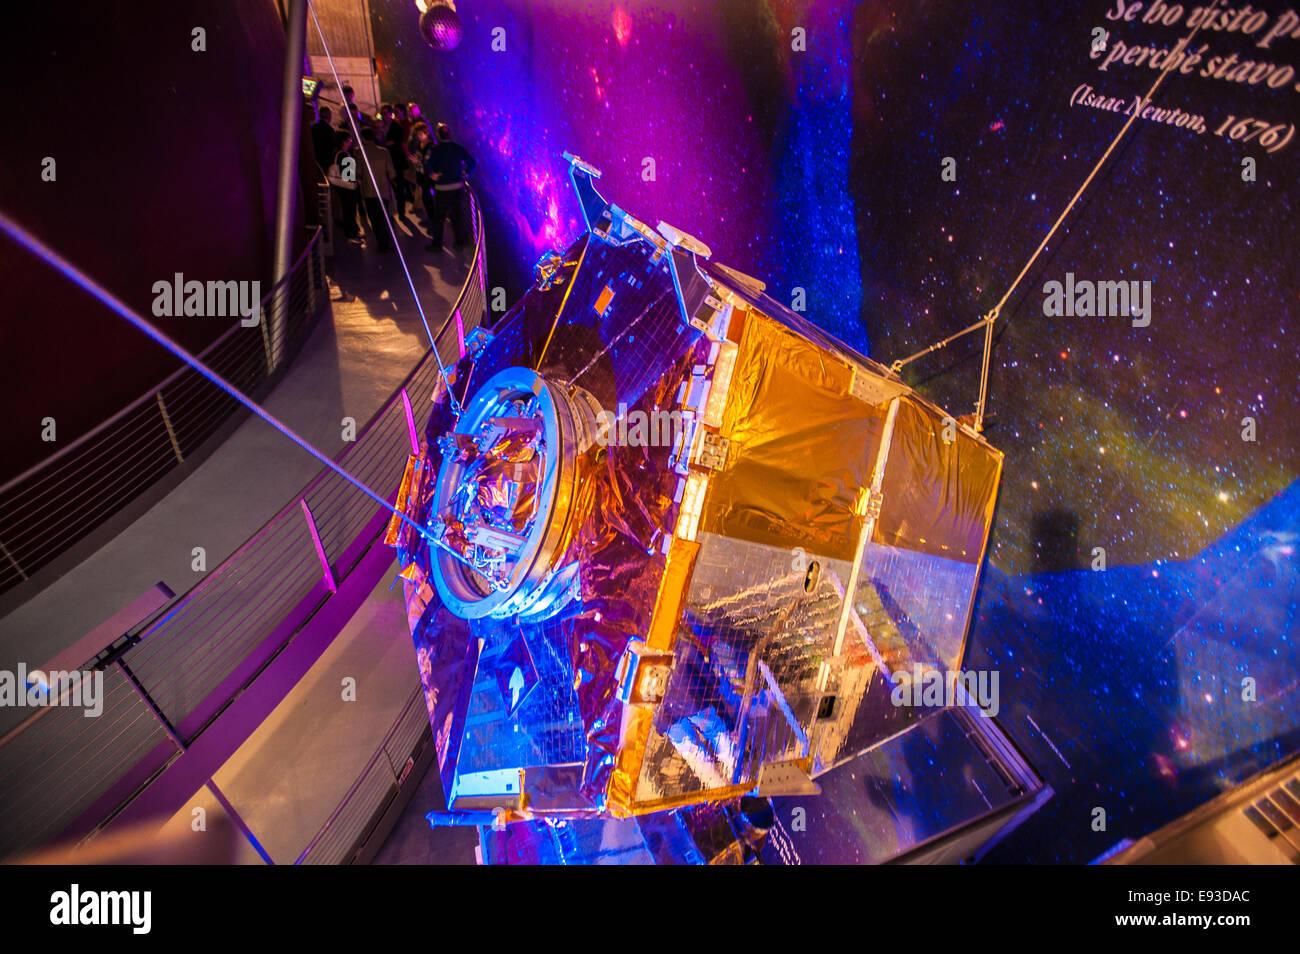 Italia Turín Piamonte Pino Torinese Inauguración de la nueva zona de museos del Museo de Turín planetario astronomía y espacio INFINI.Al 17 de octubre de 2014 Reproducción del satélite Beppo SAX Foto de stock